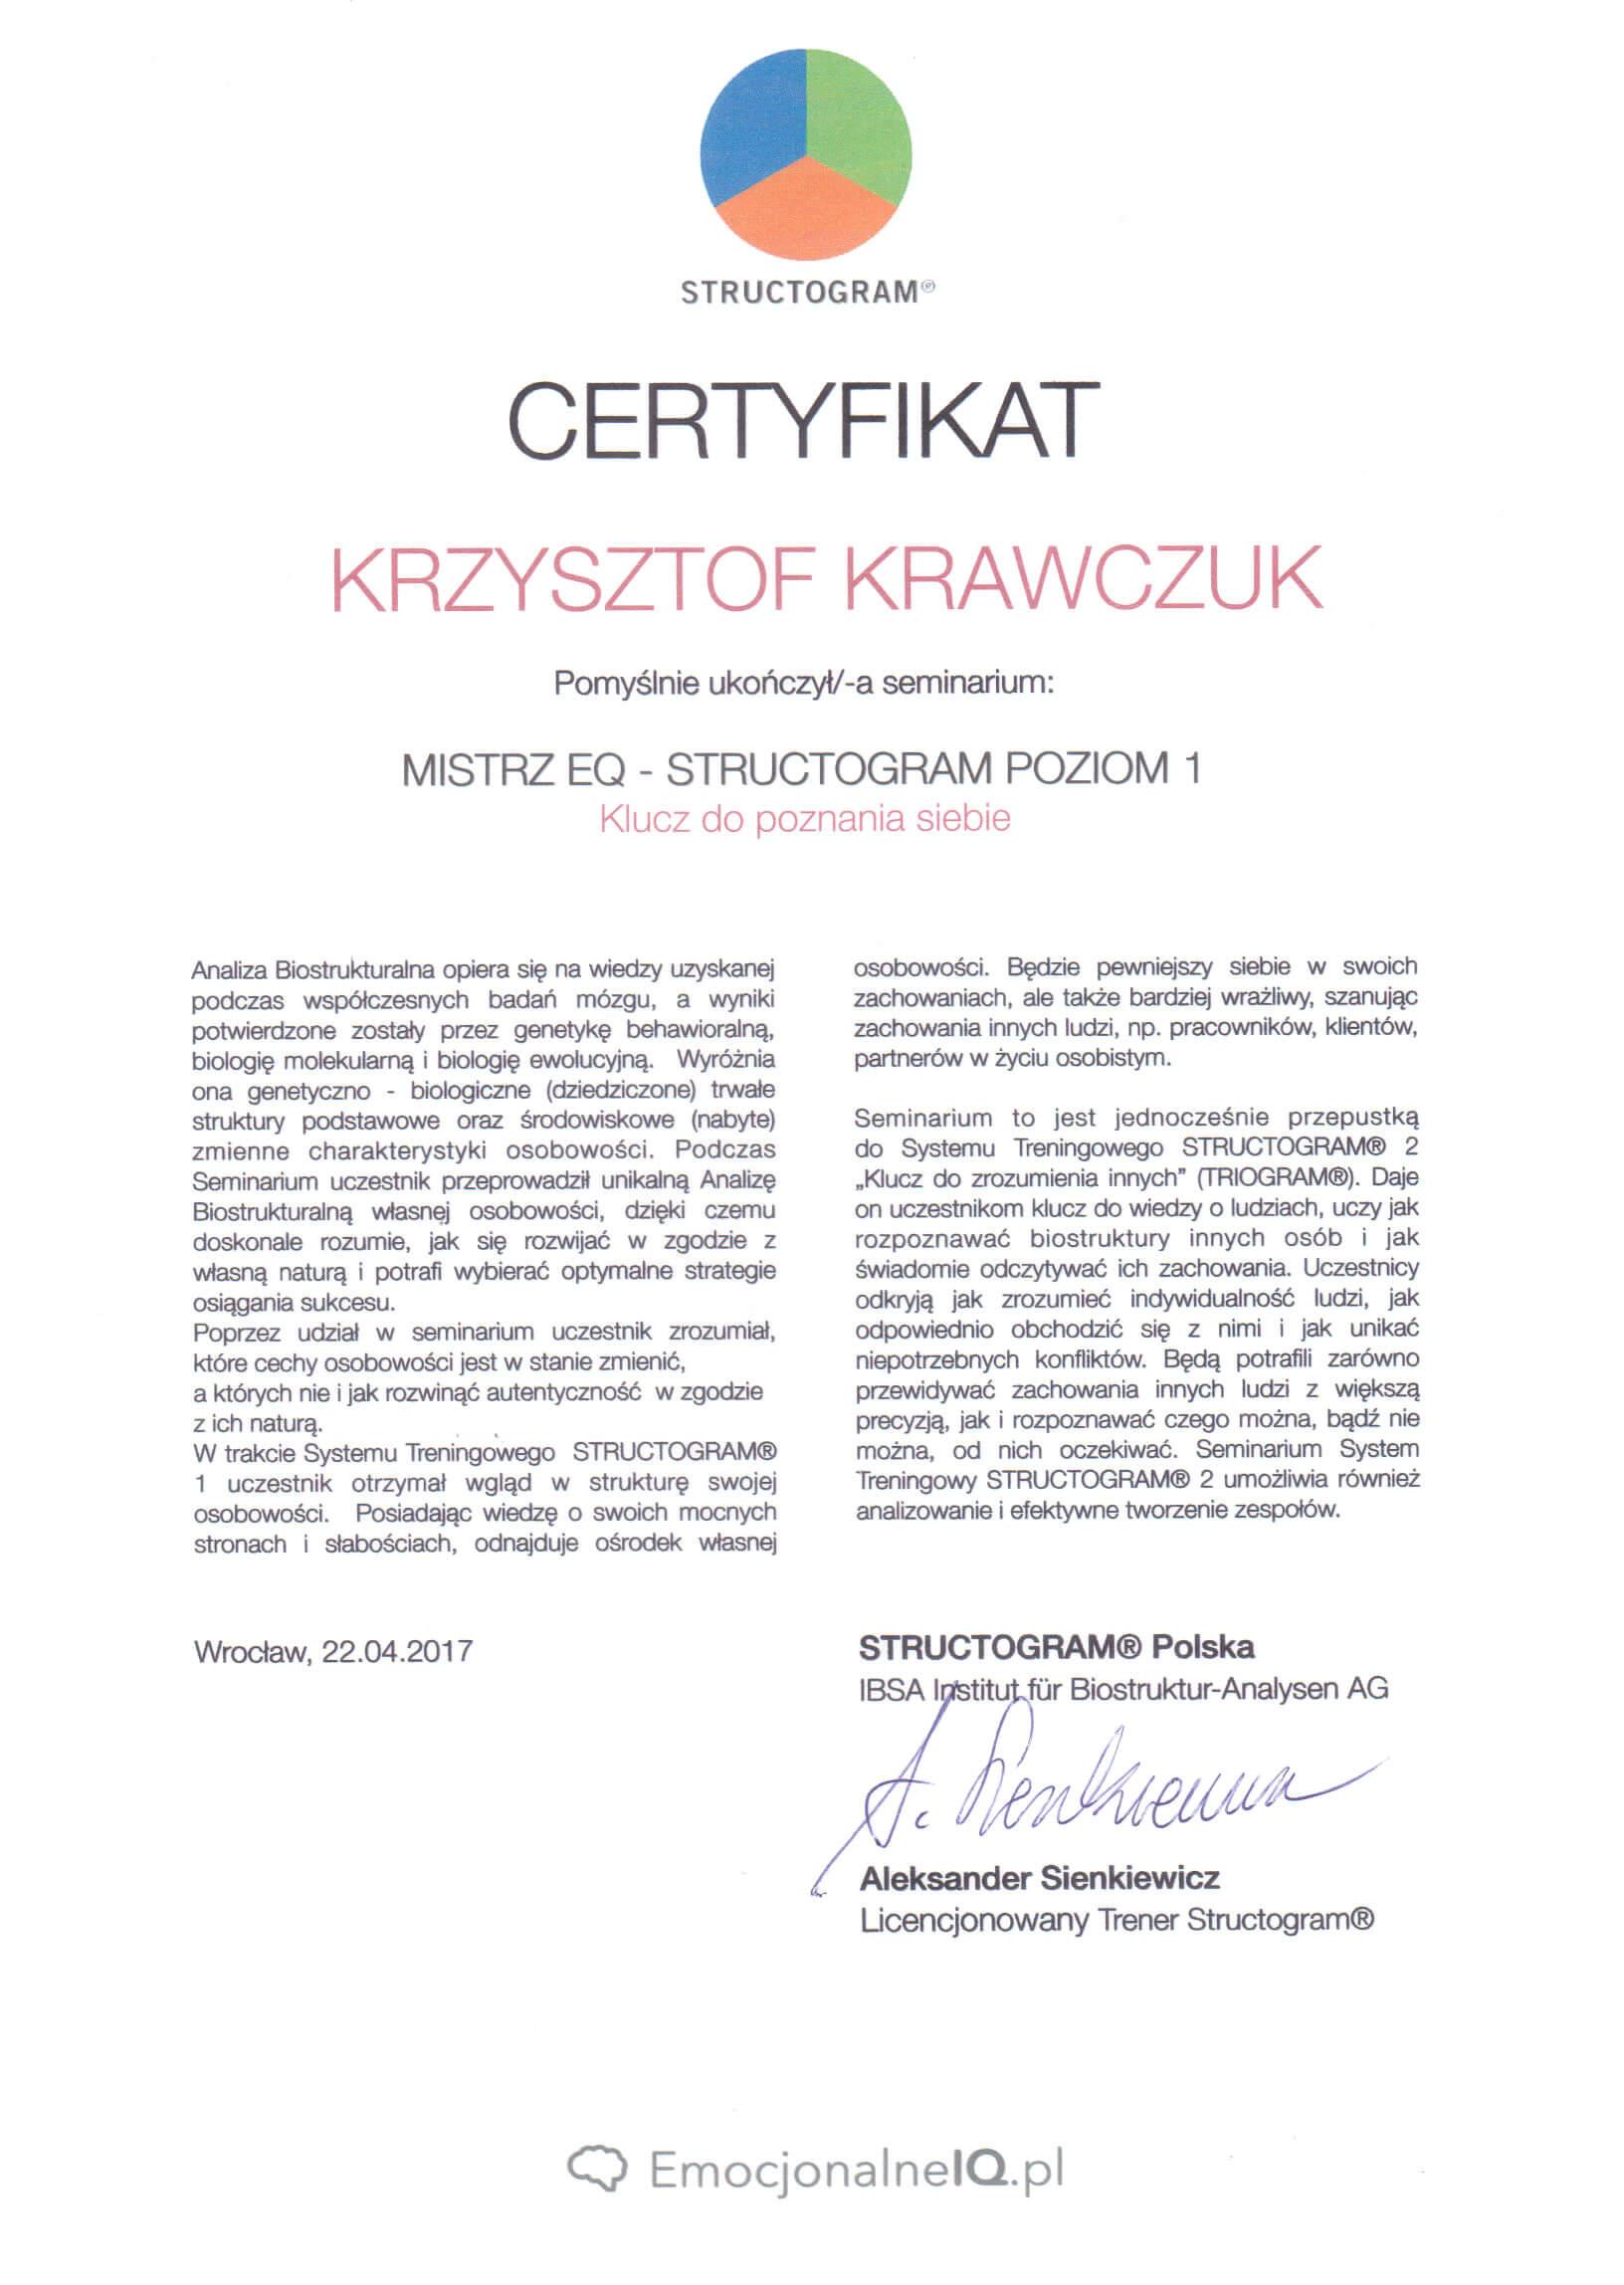 Certyfikat Mistrz EQ  Structogram poziom 1